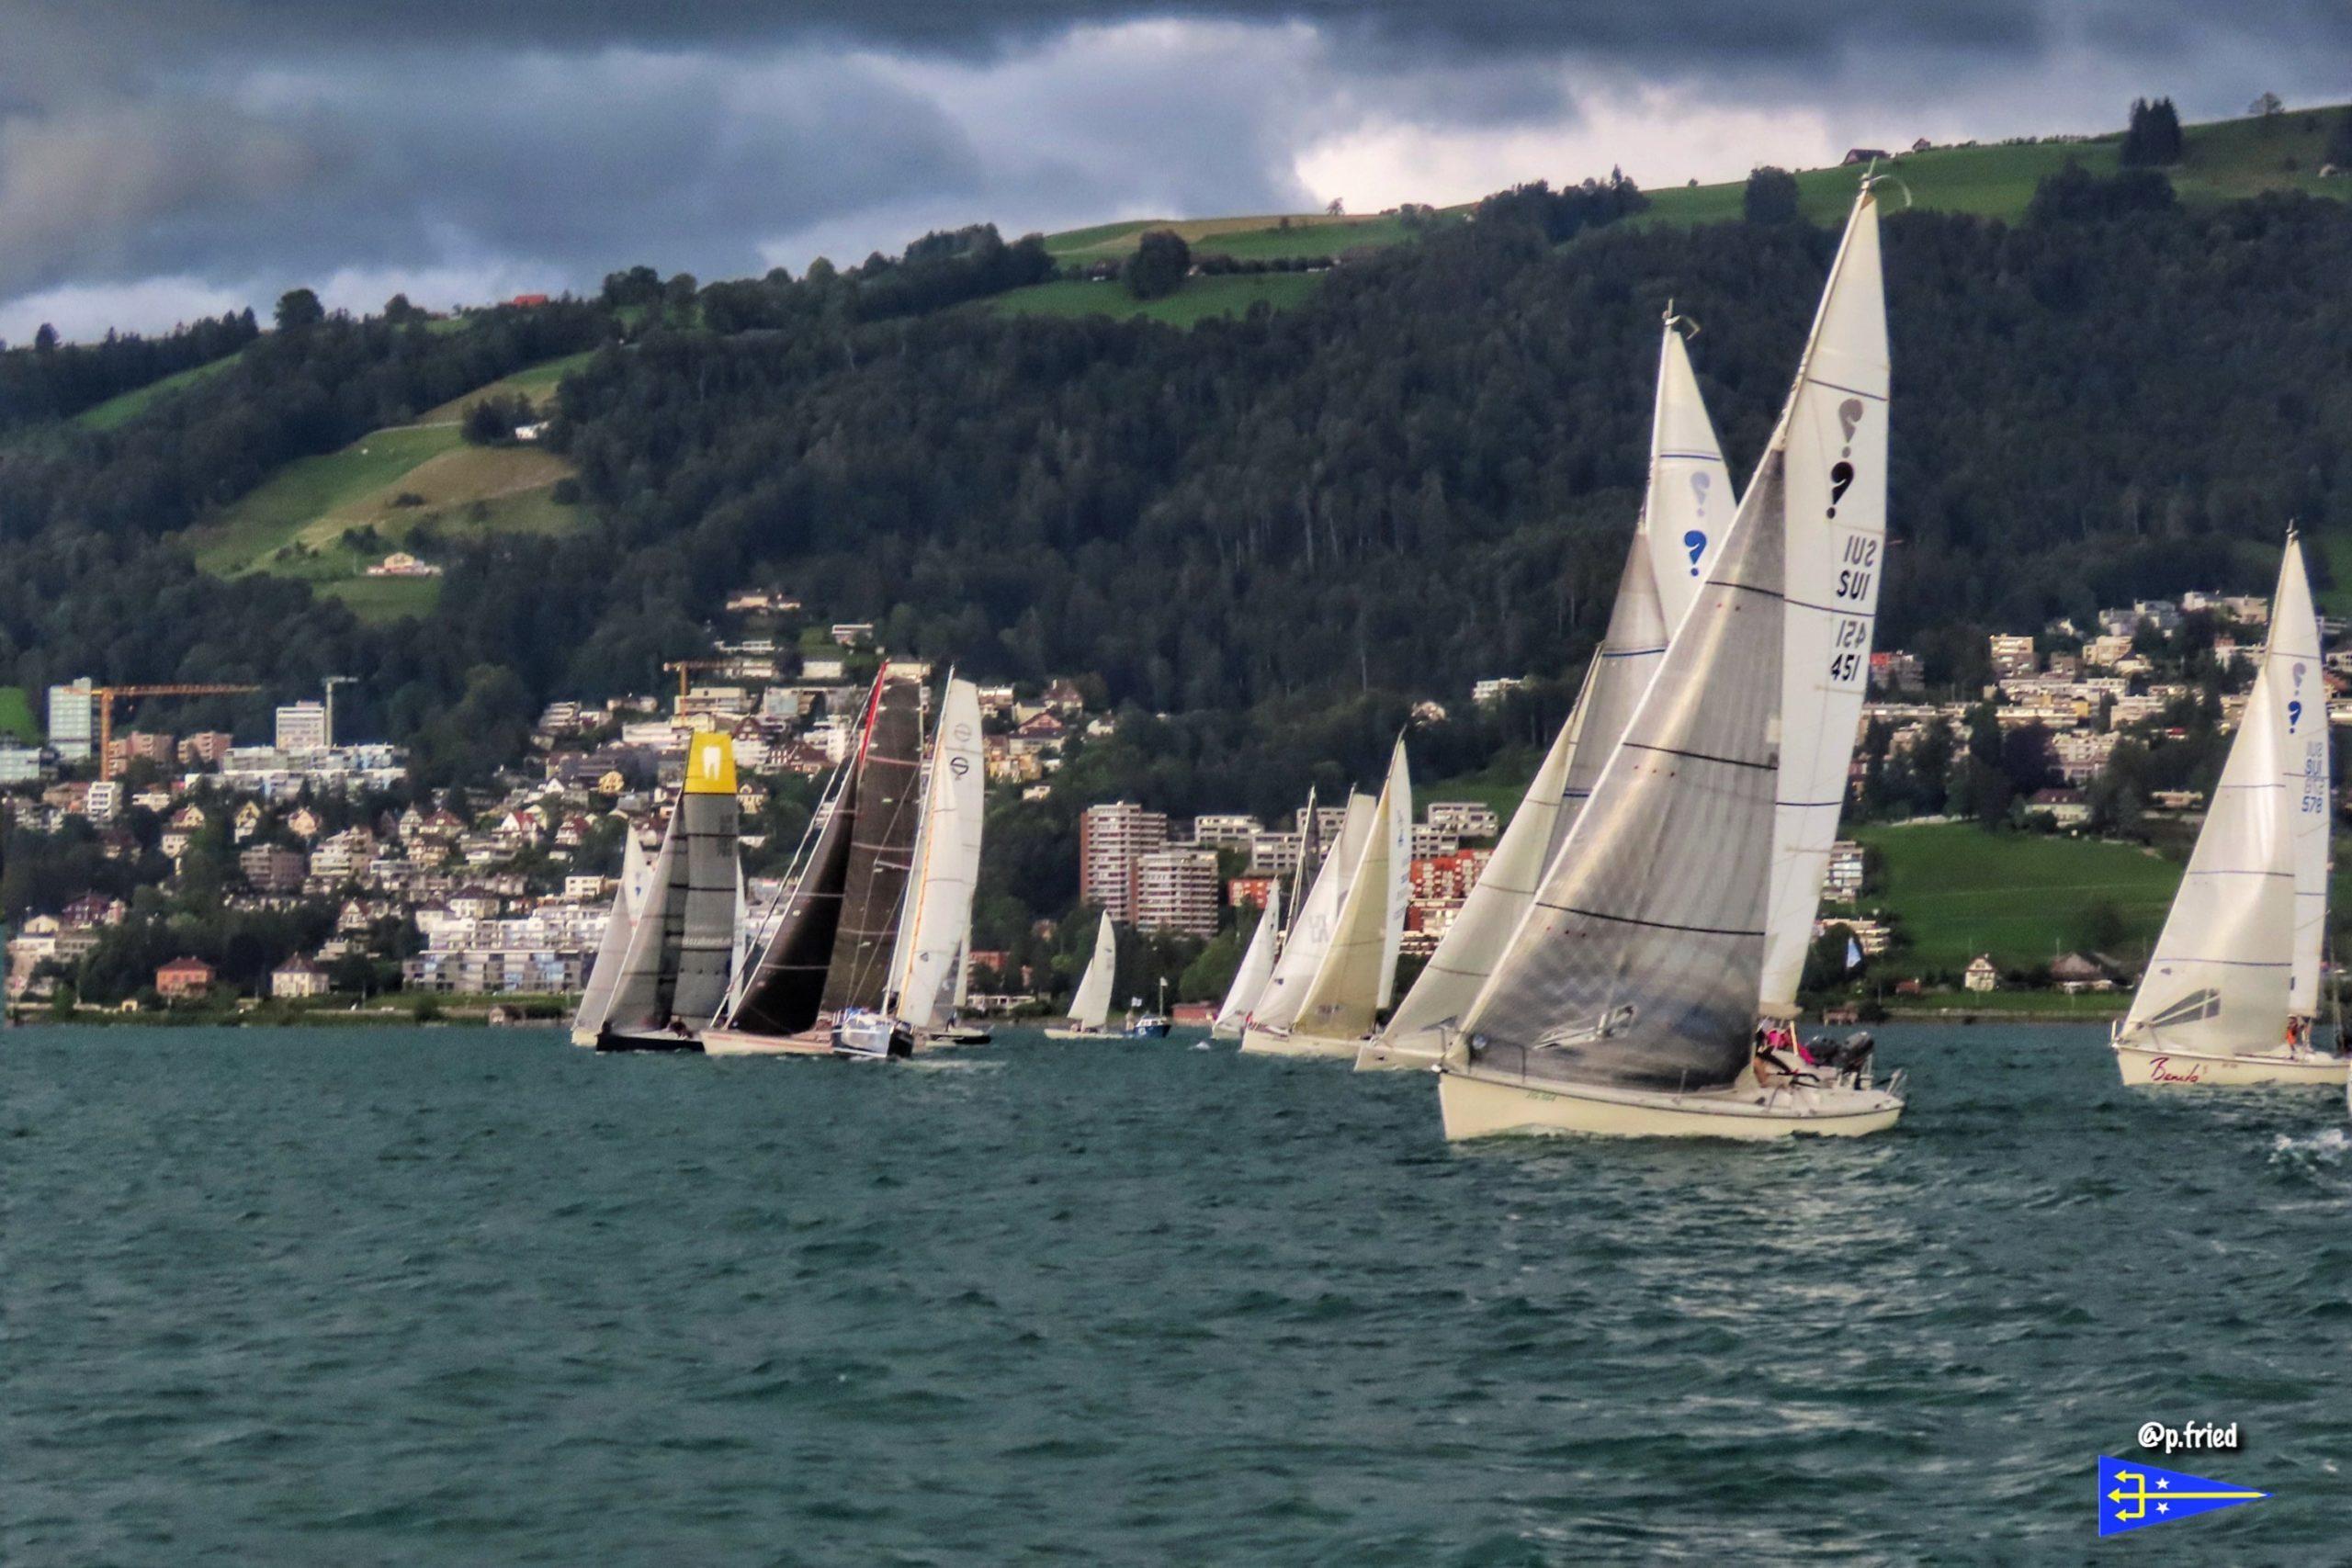 Sailing Regatta on Lake Zug